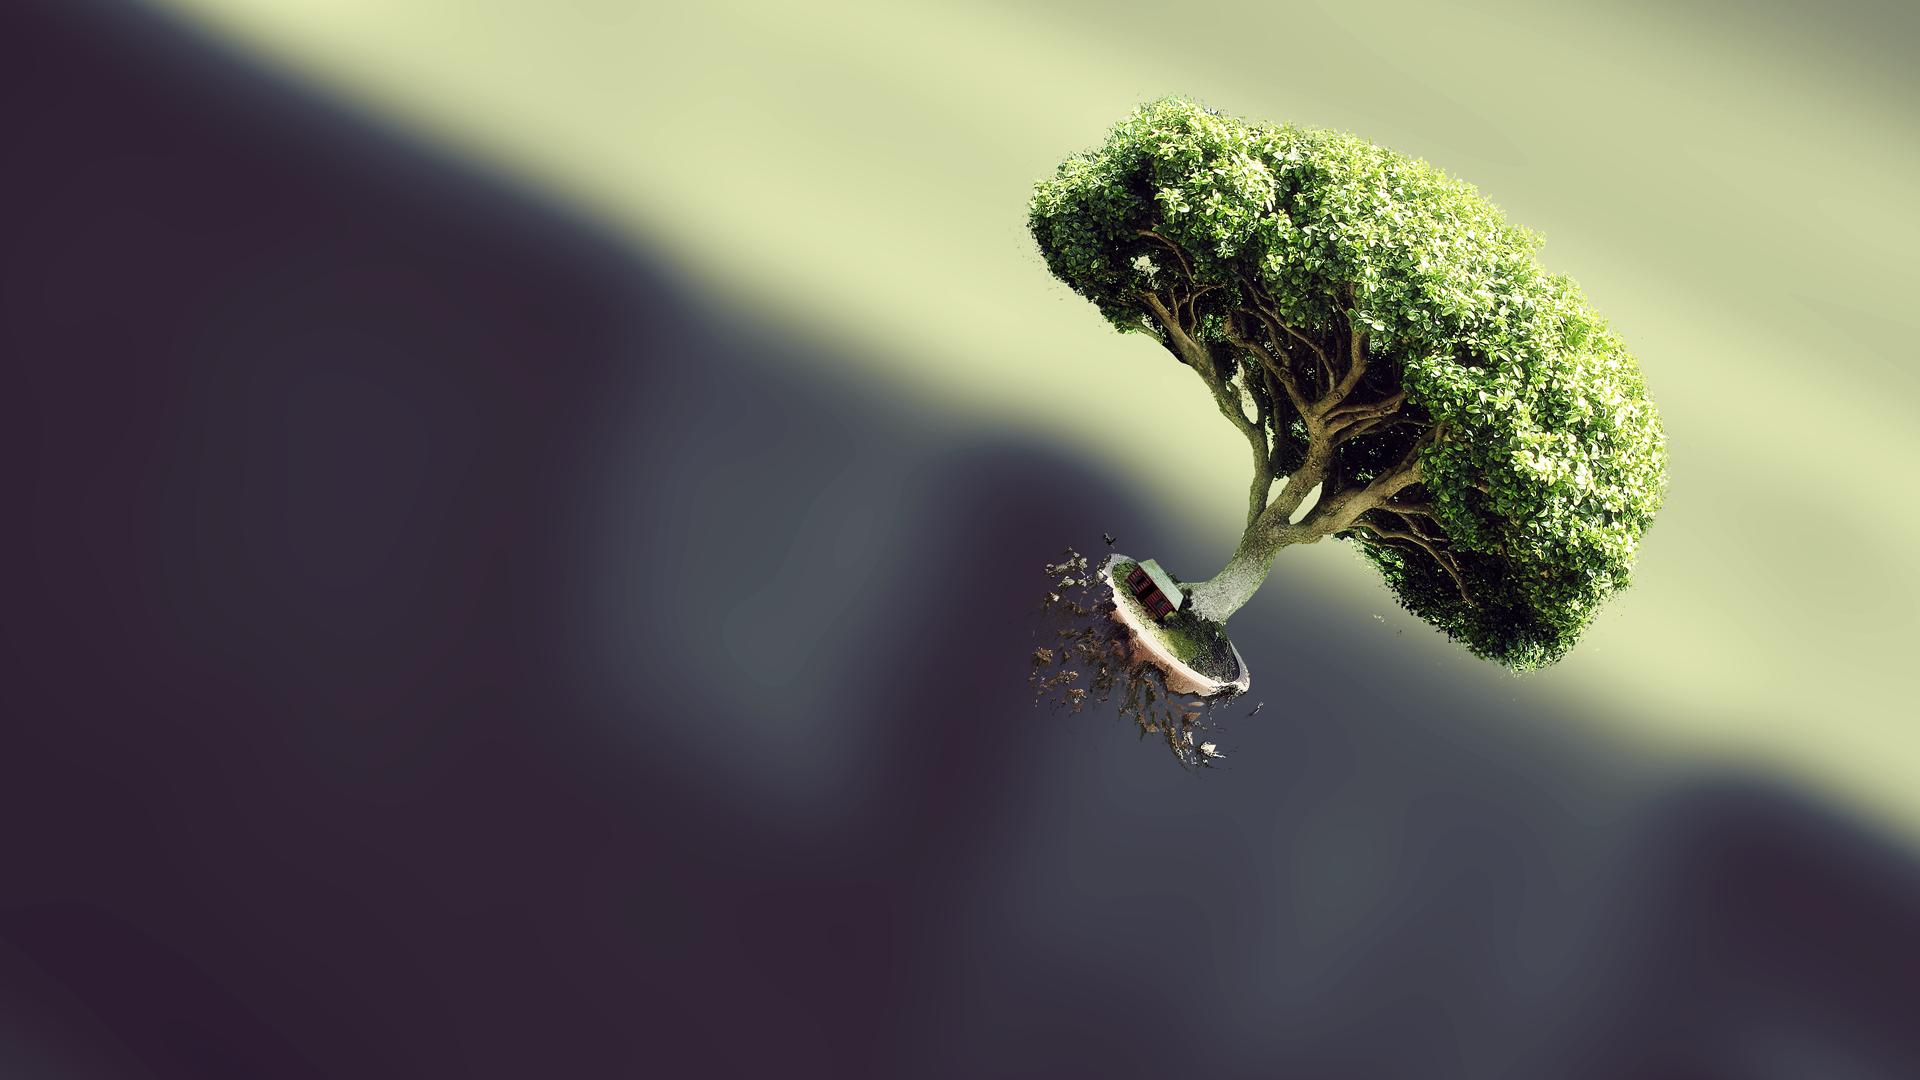 General 1920x1080 trees simple background bonsai floating blurred digital art bokeh CGI render nature artwork